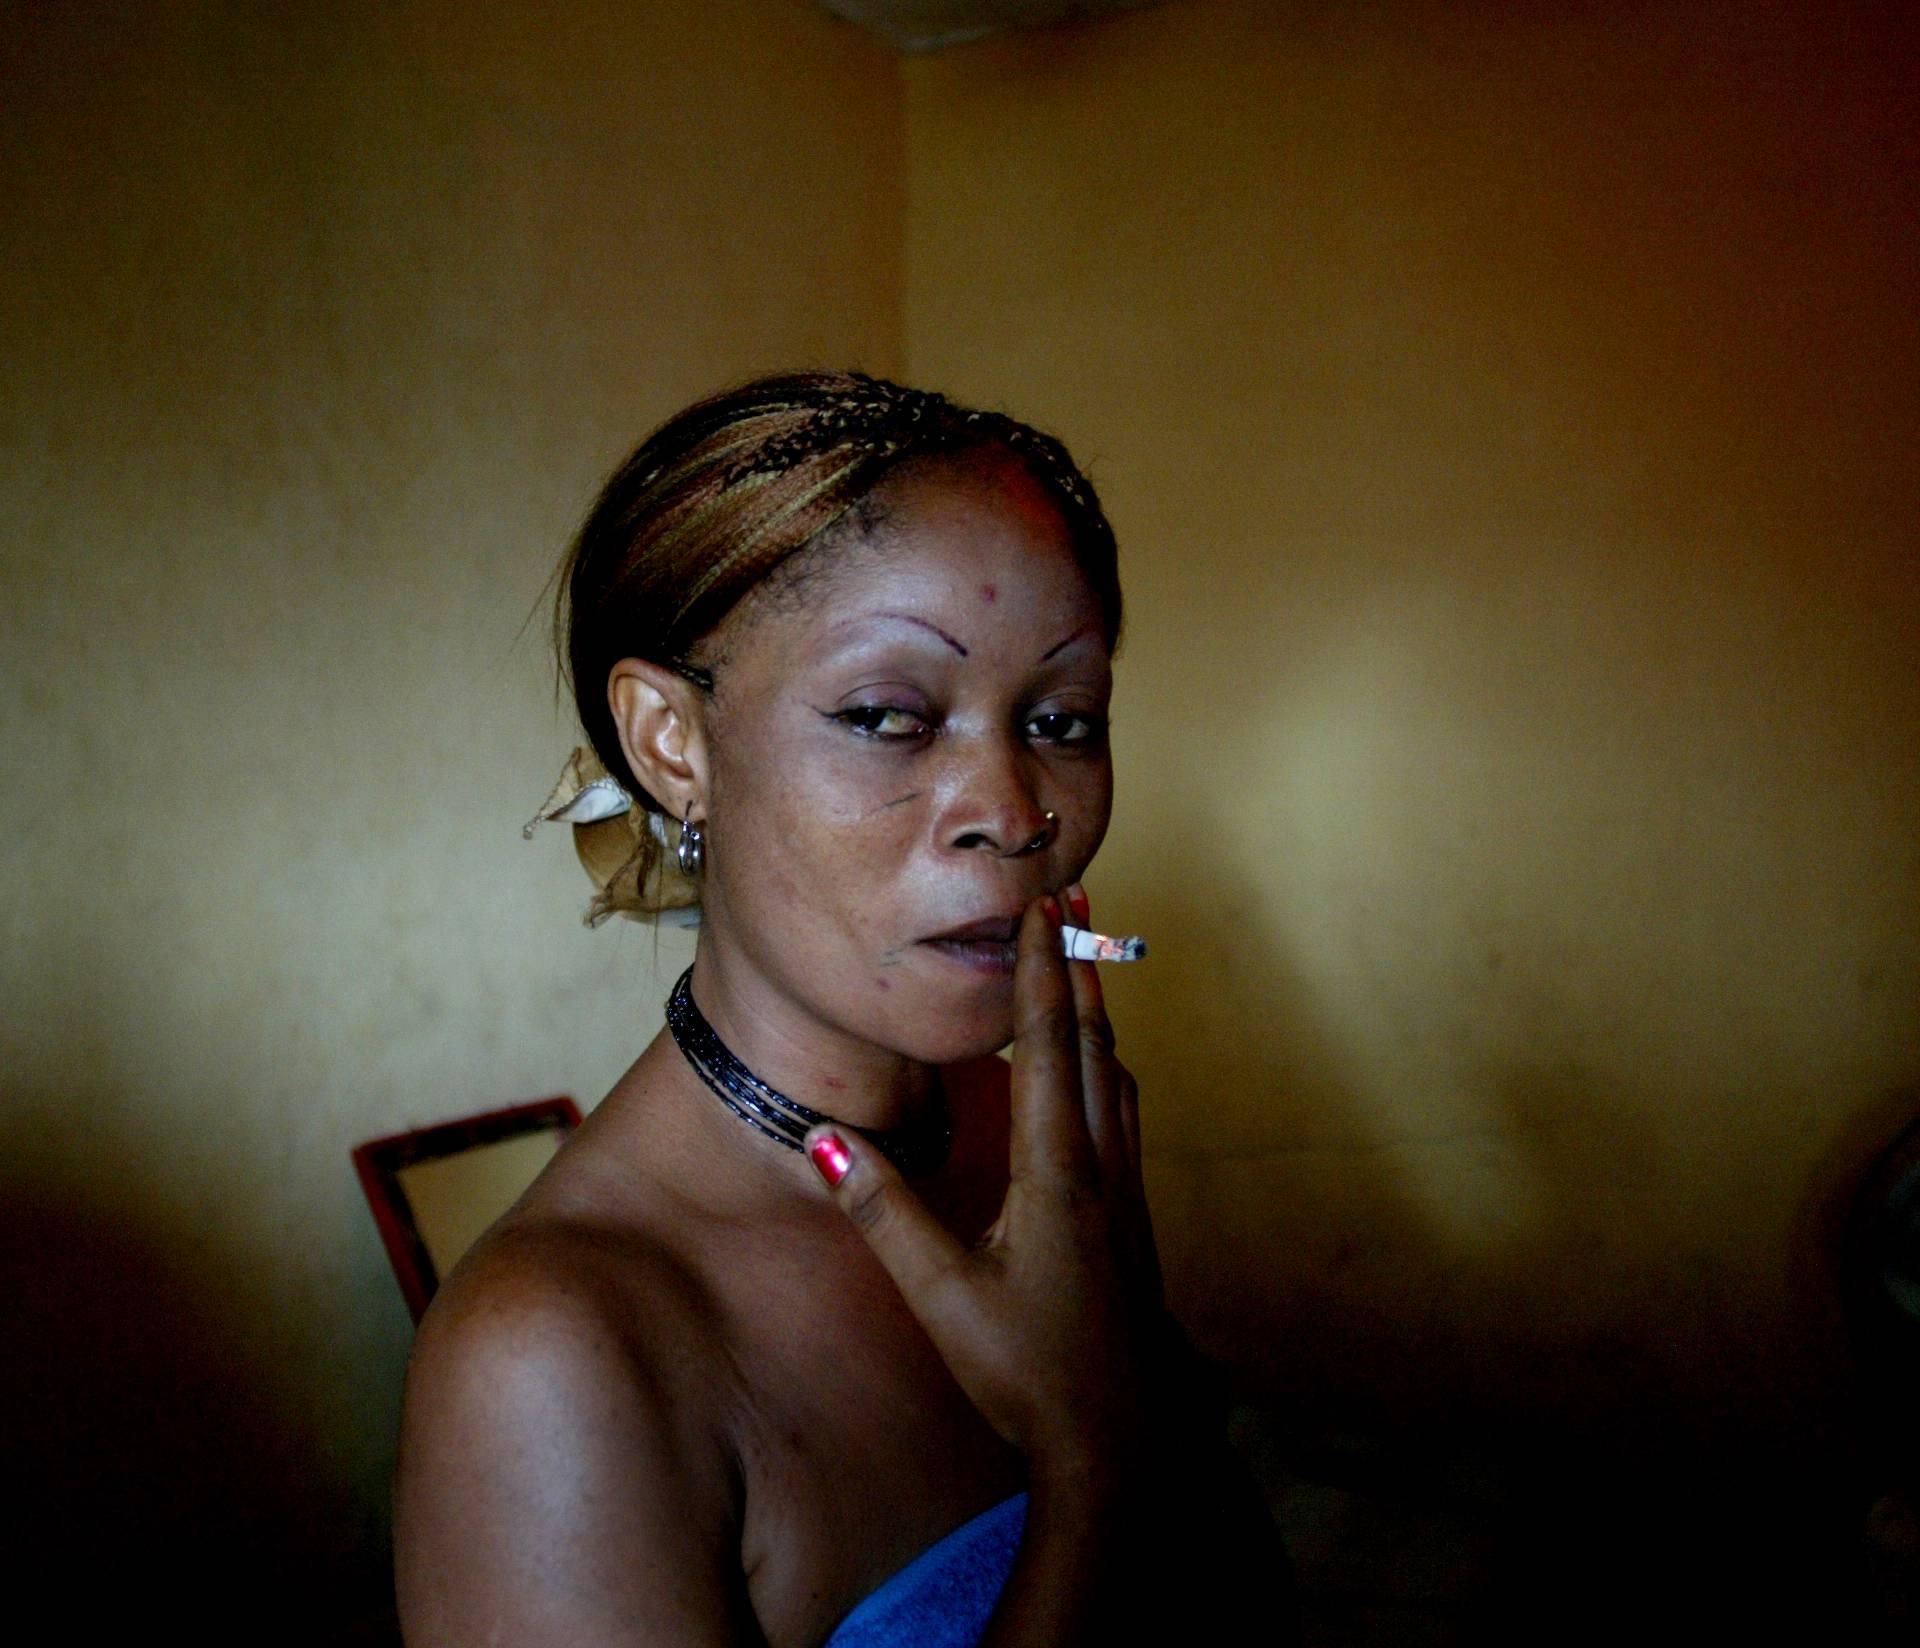 Anđeli smrti: Ove prostitutke prenose HIV i dobro zarađuju